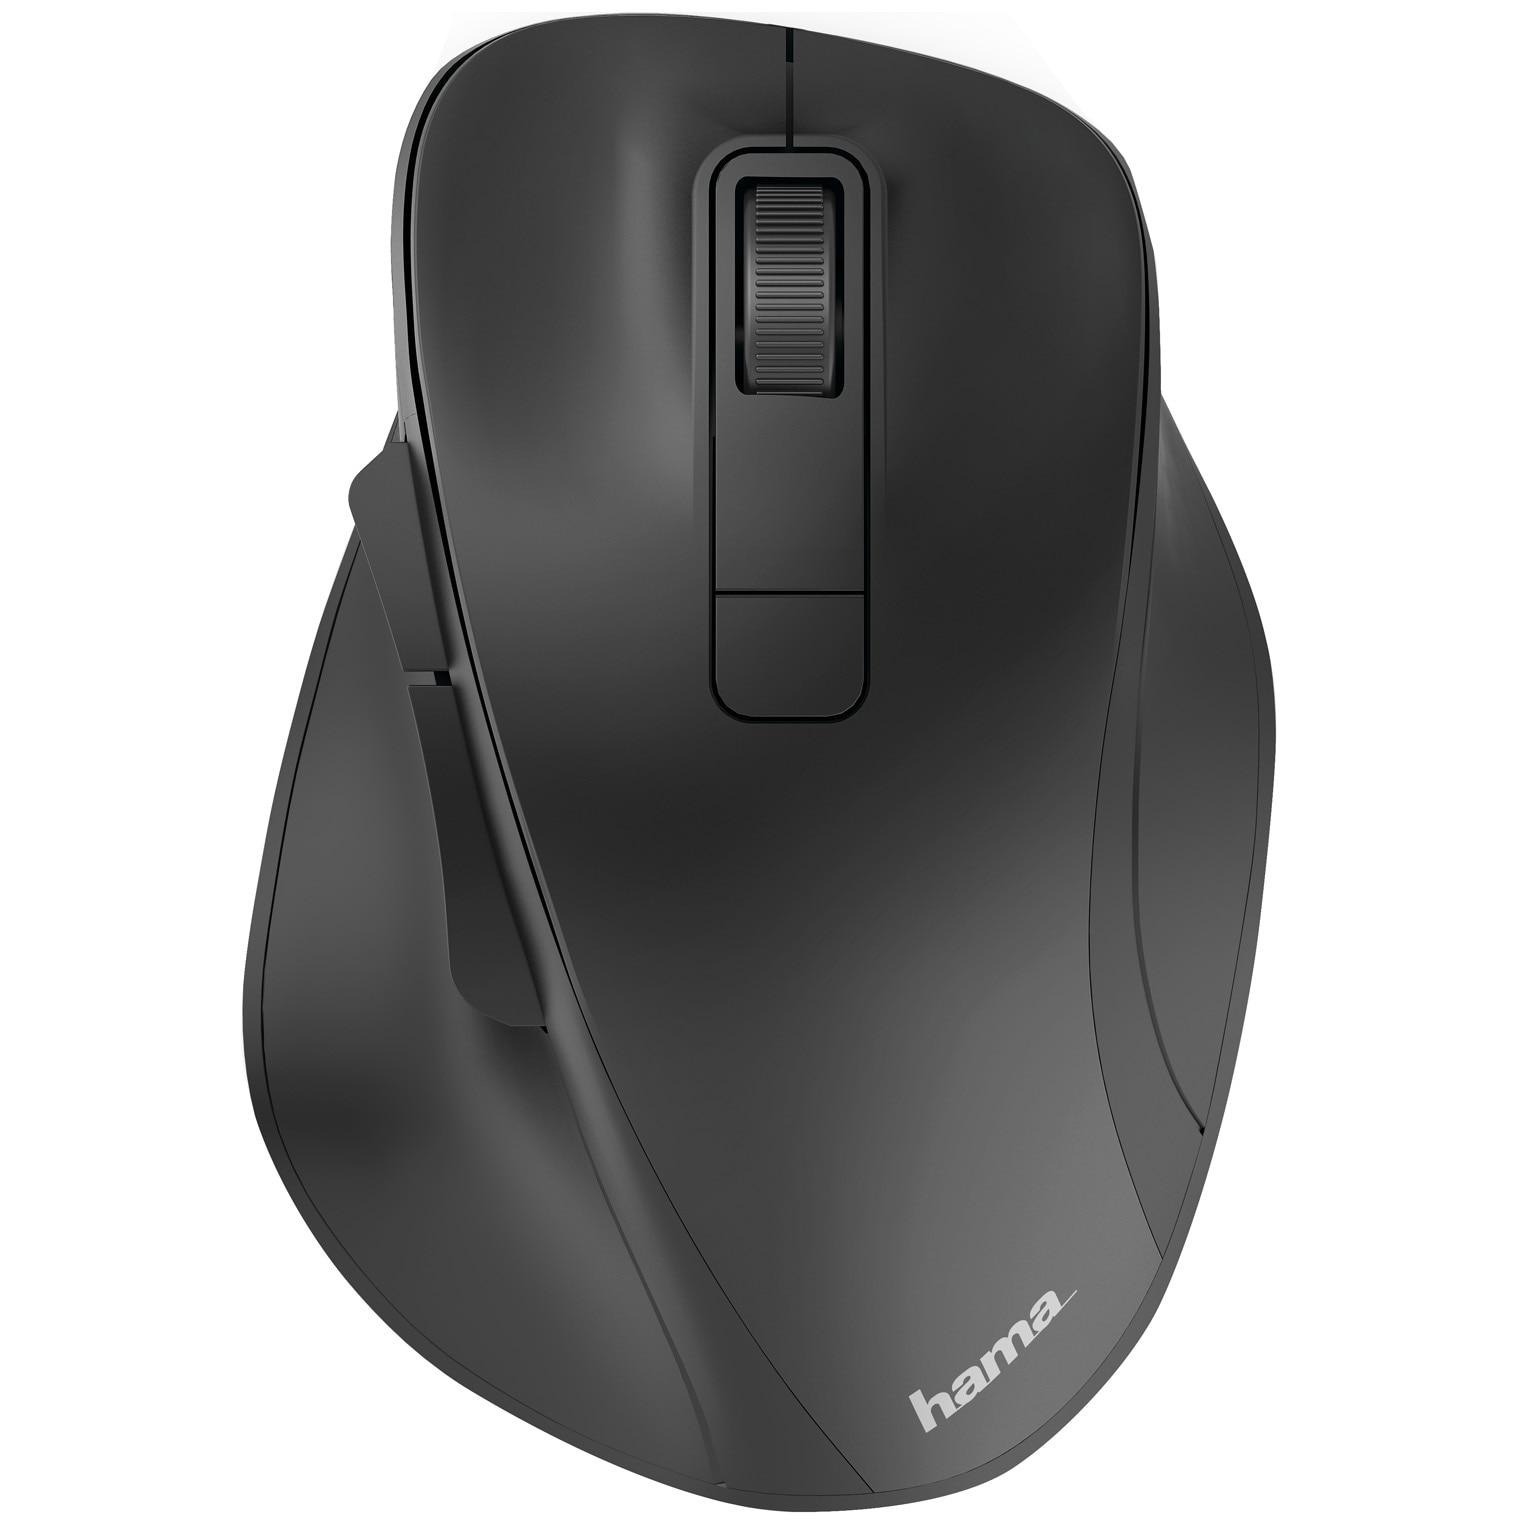 Fotografie Mouse wireless Hama MW-500, negru